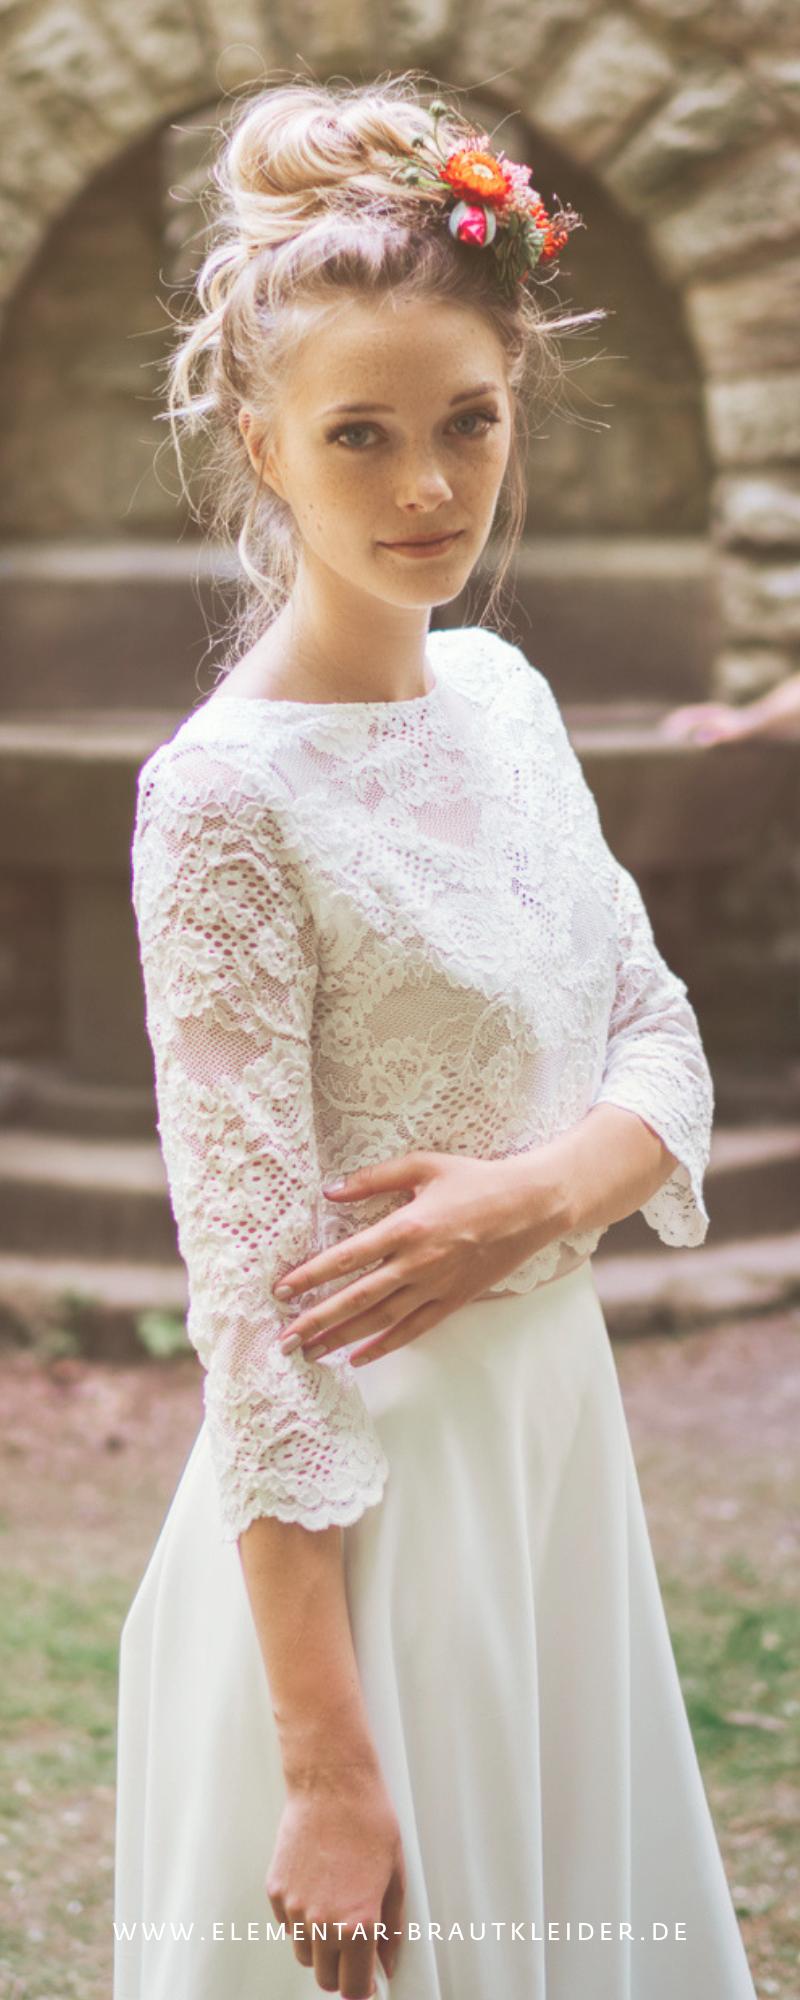 elementar - Hochzeitskleid im Boho Stil mit zarter Spitze - modern